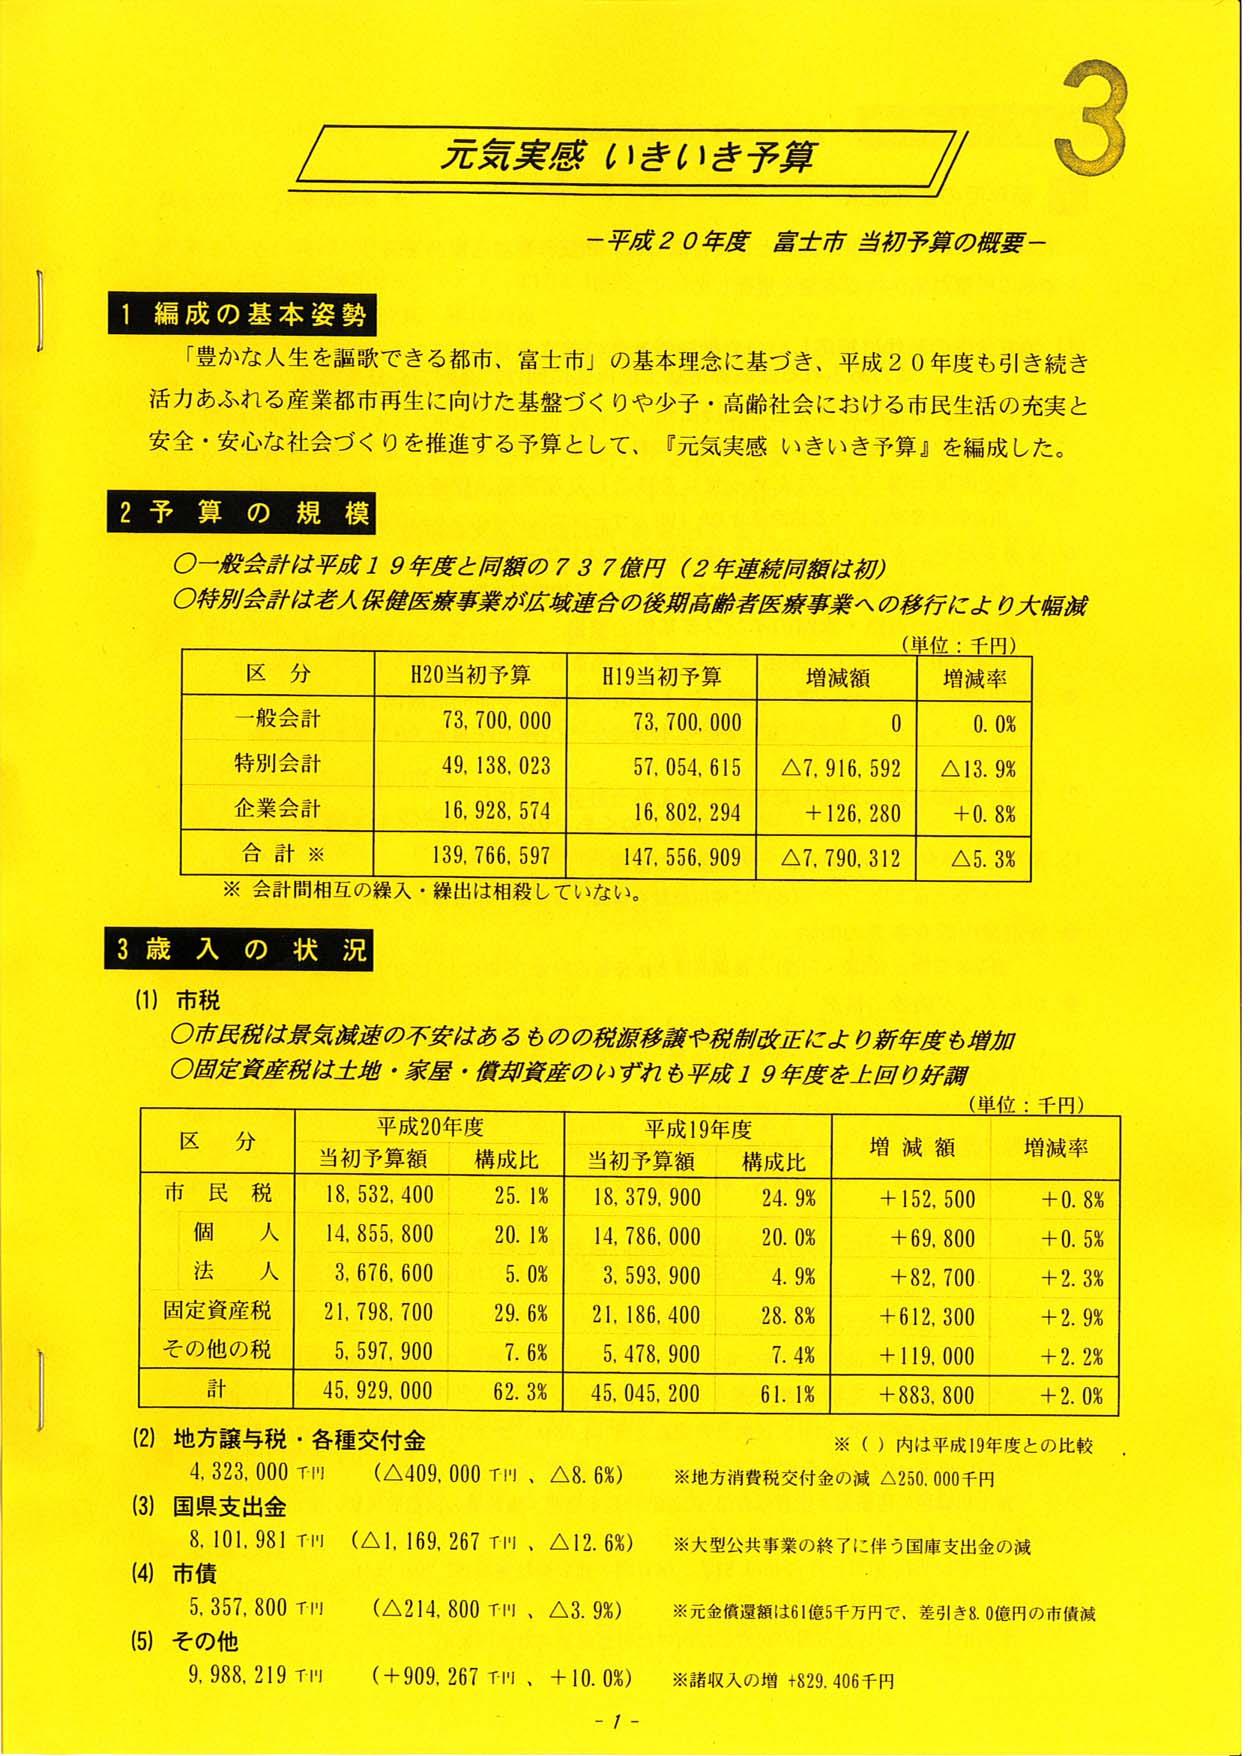 富士市の20年度予算案は「元気実感 いきいき予算」!_f0141310_2336953.jpg